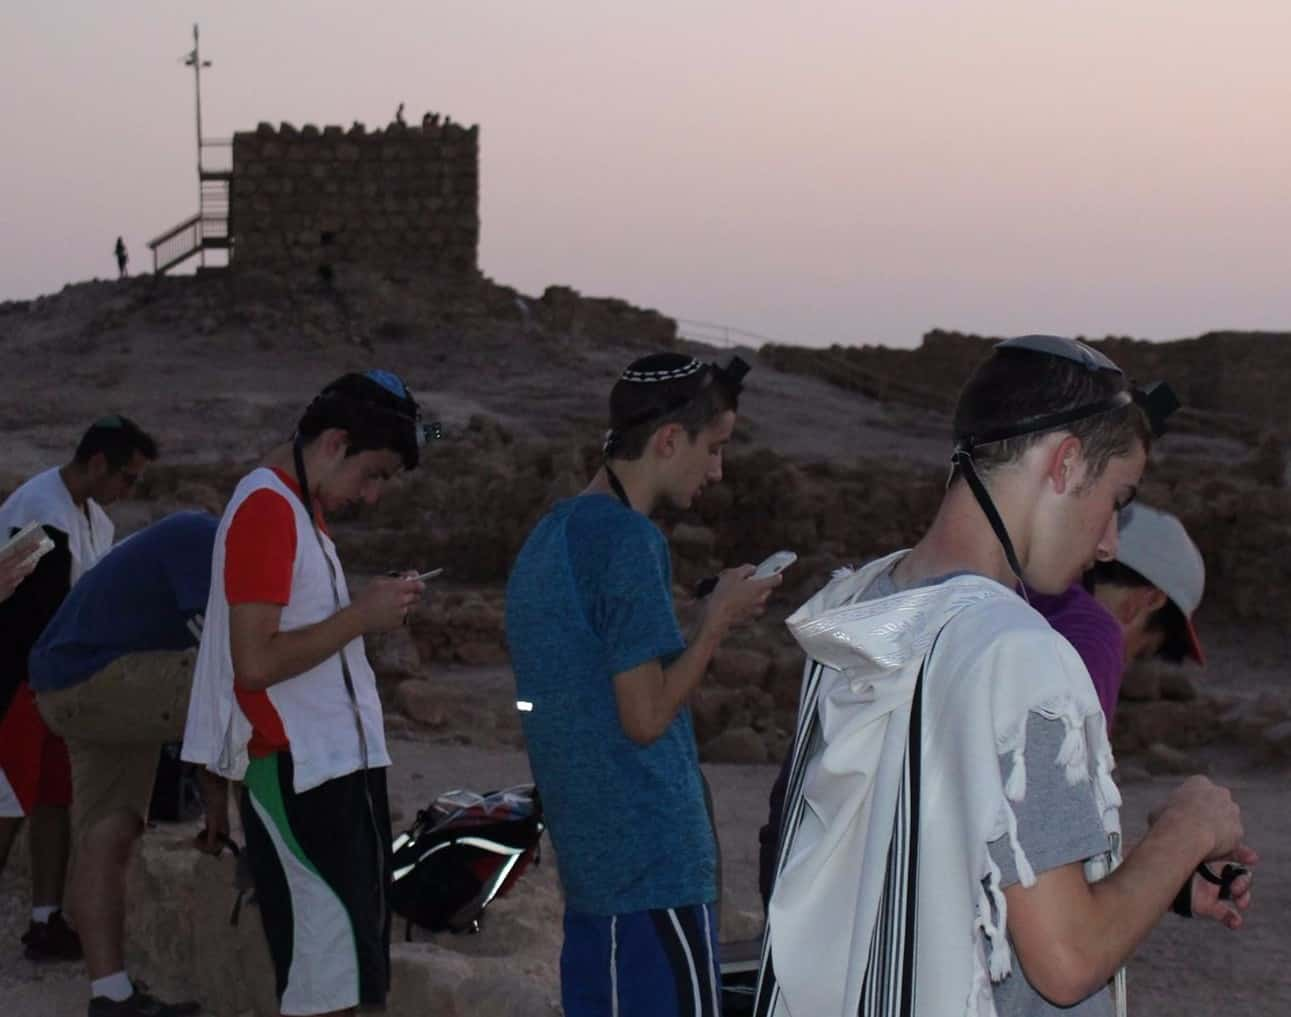 my-israel-story-18-akiva-finkelstein